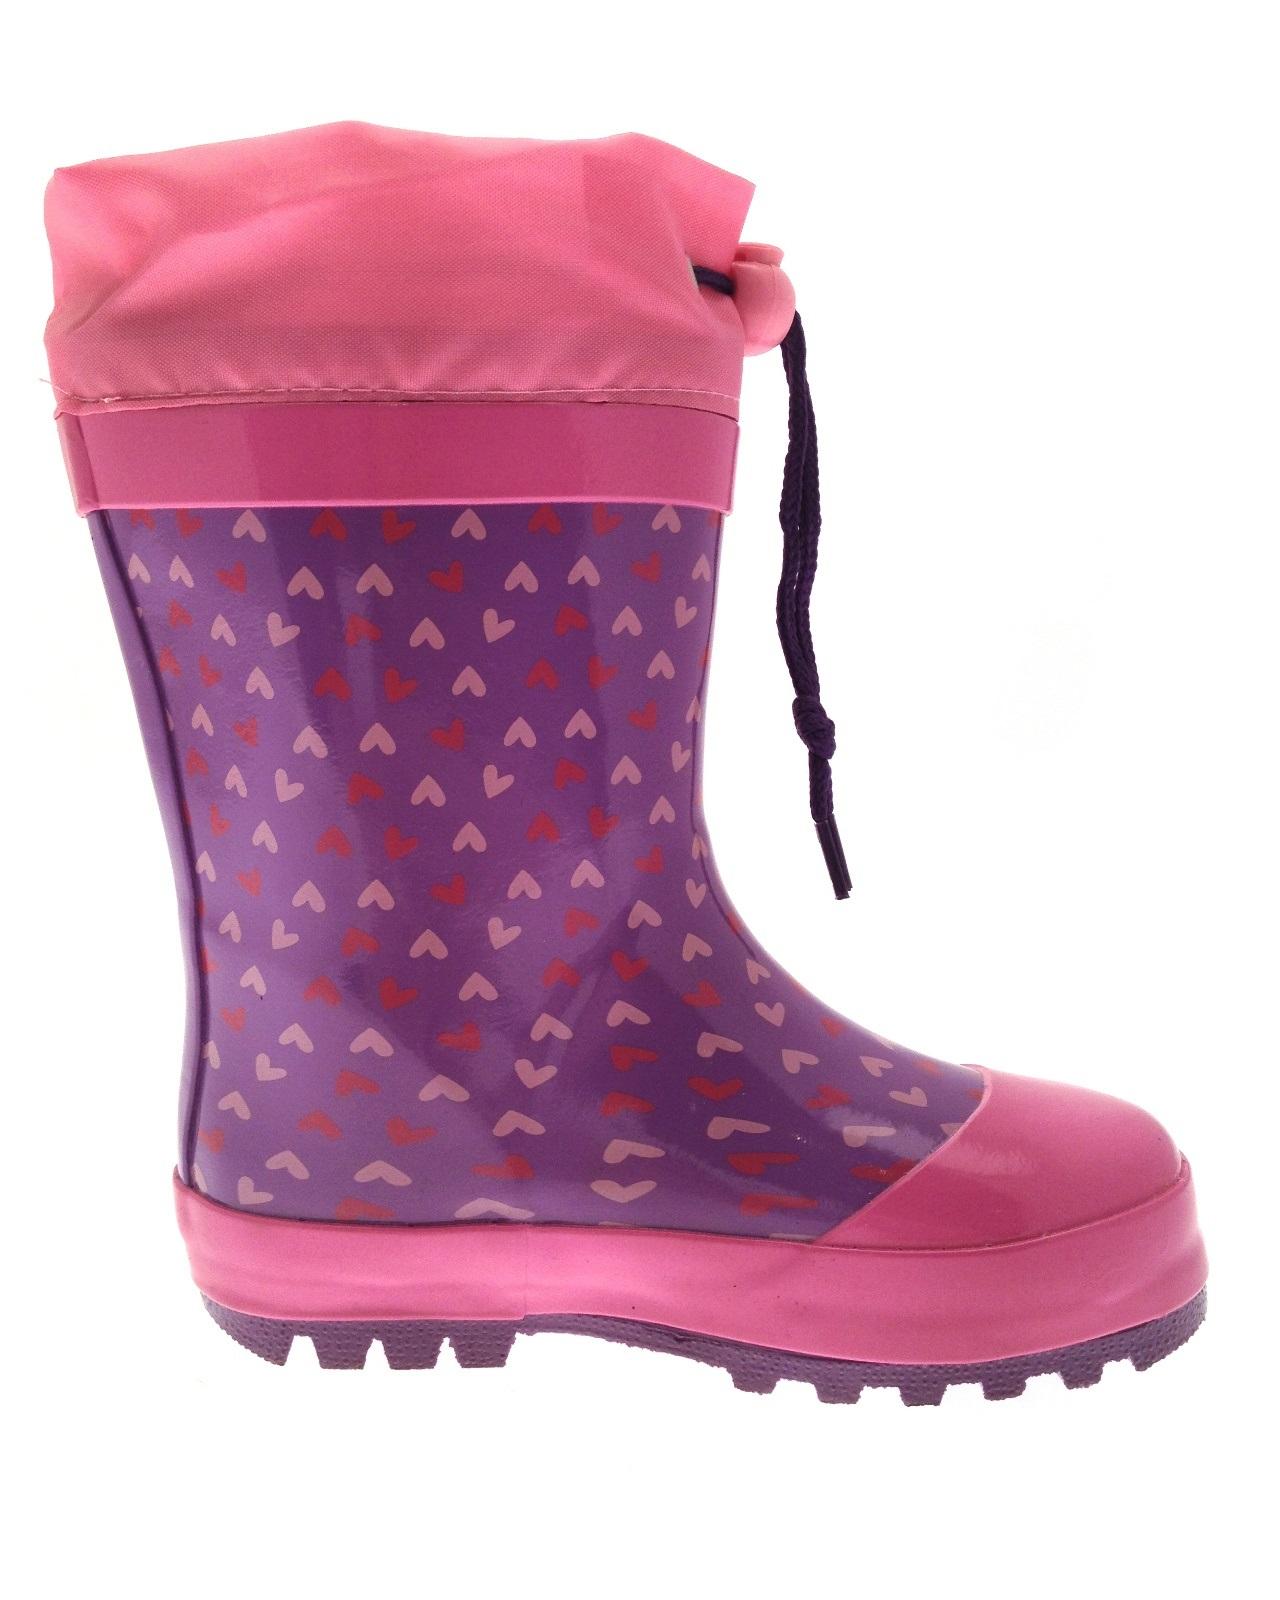 Chicas Disney Princesa Sofia De Goma Snow Botas Tie Top de Wellingtons tamaño del Reino Unido 5-11.5